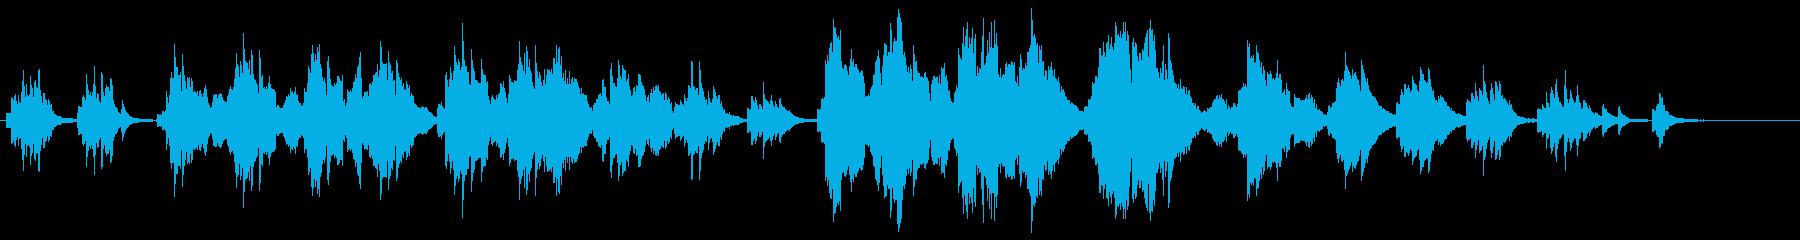 夏の星空・感動的なピアノ・バイオリン演奏の再生済みの波形